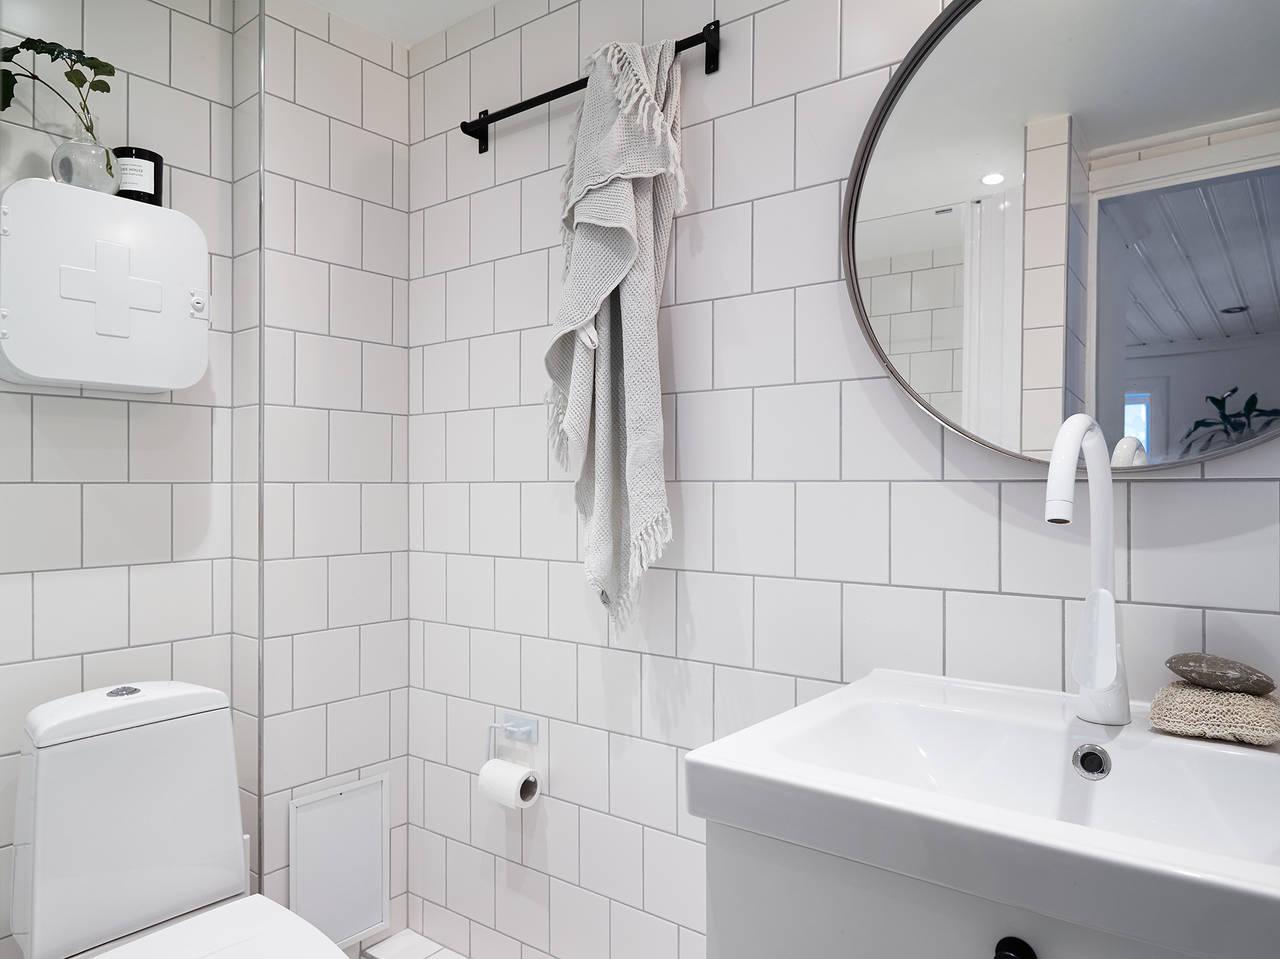 06-bathroom-ideas